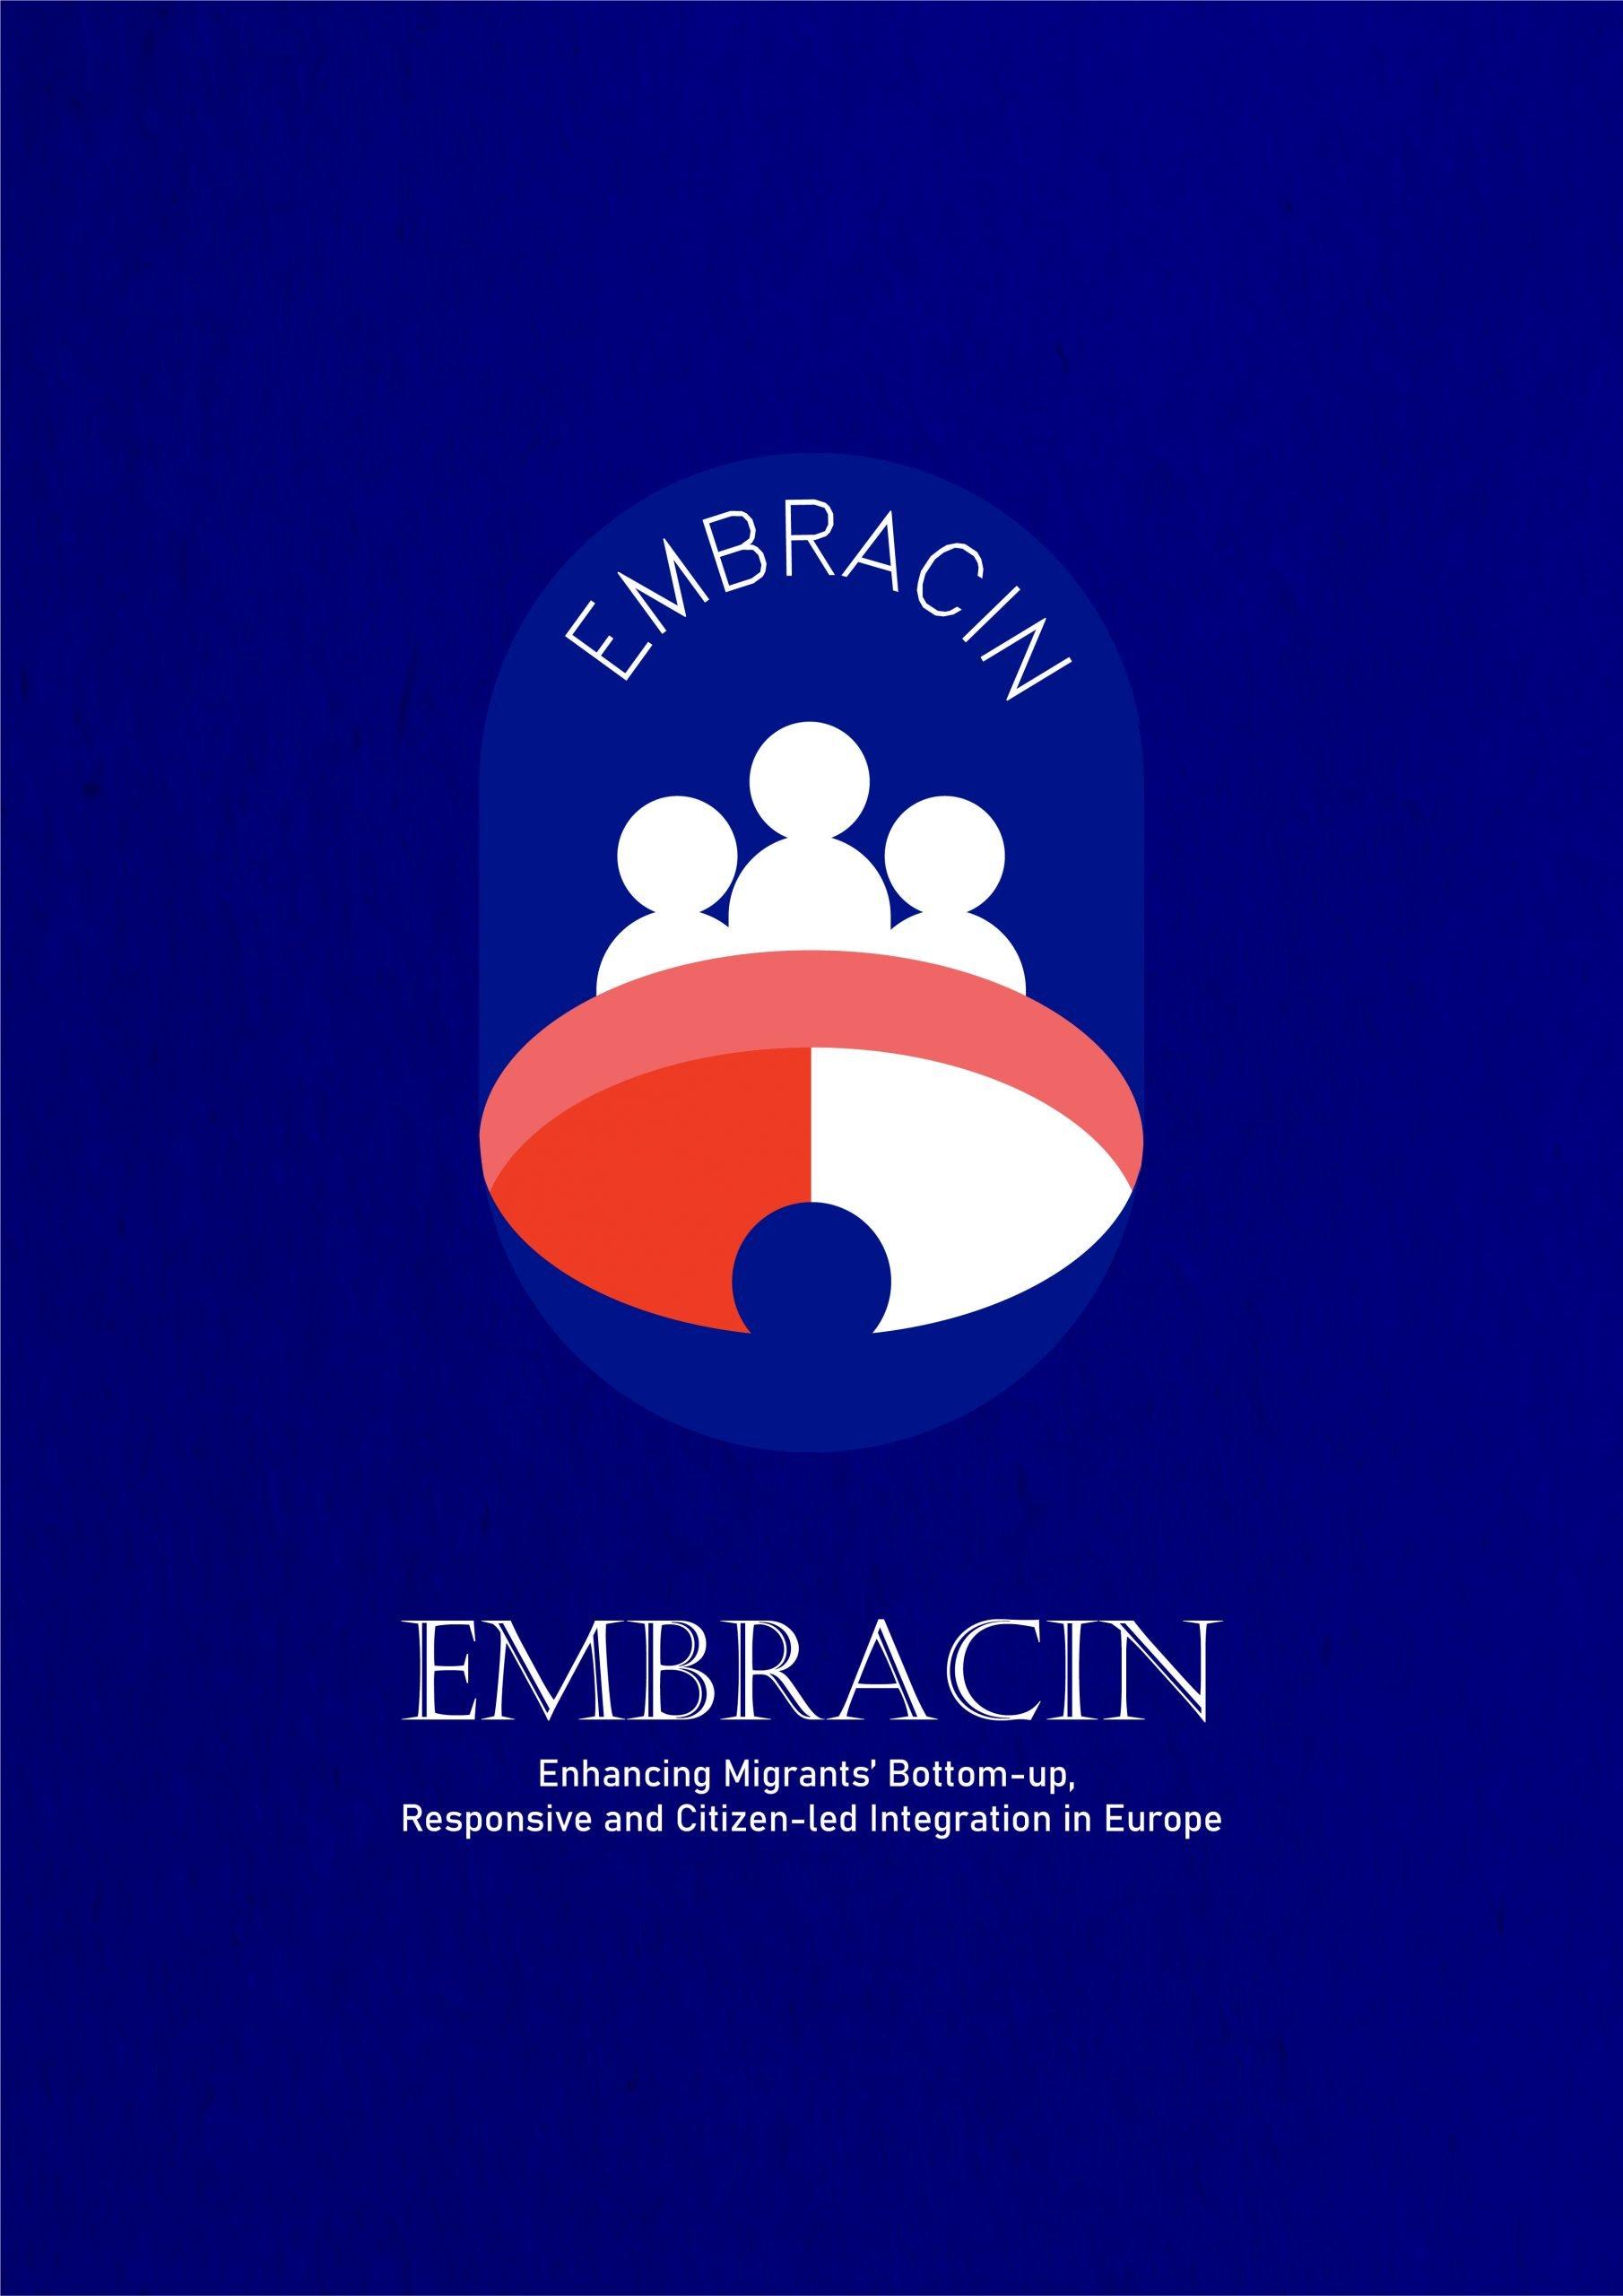 Embracin - Poster